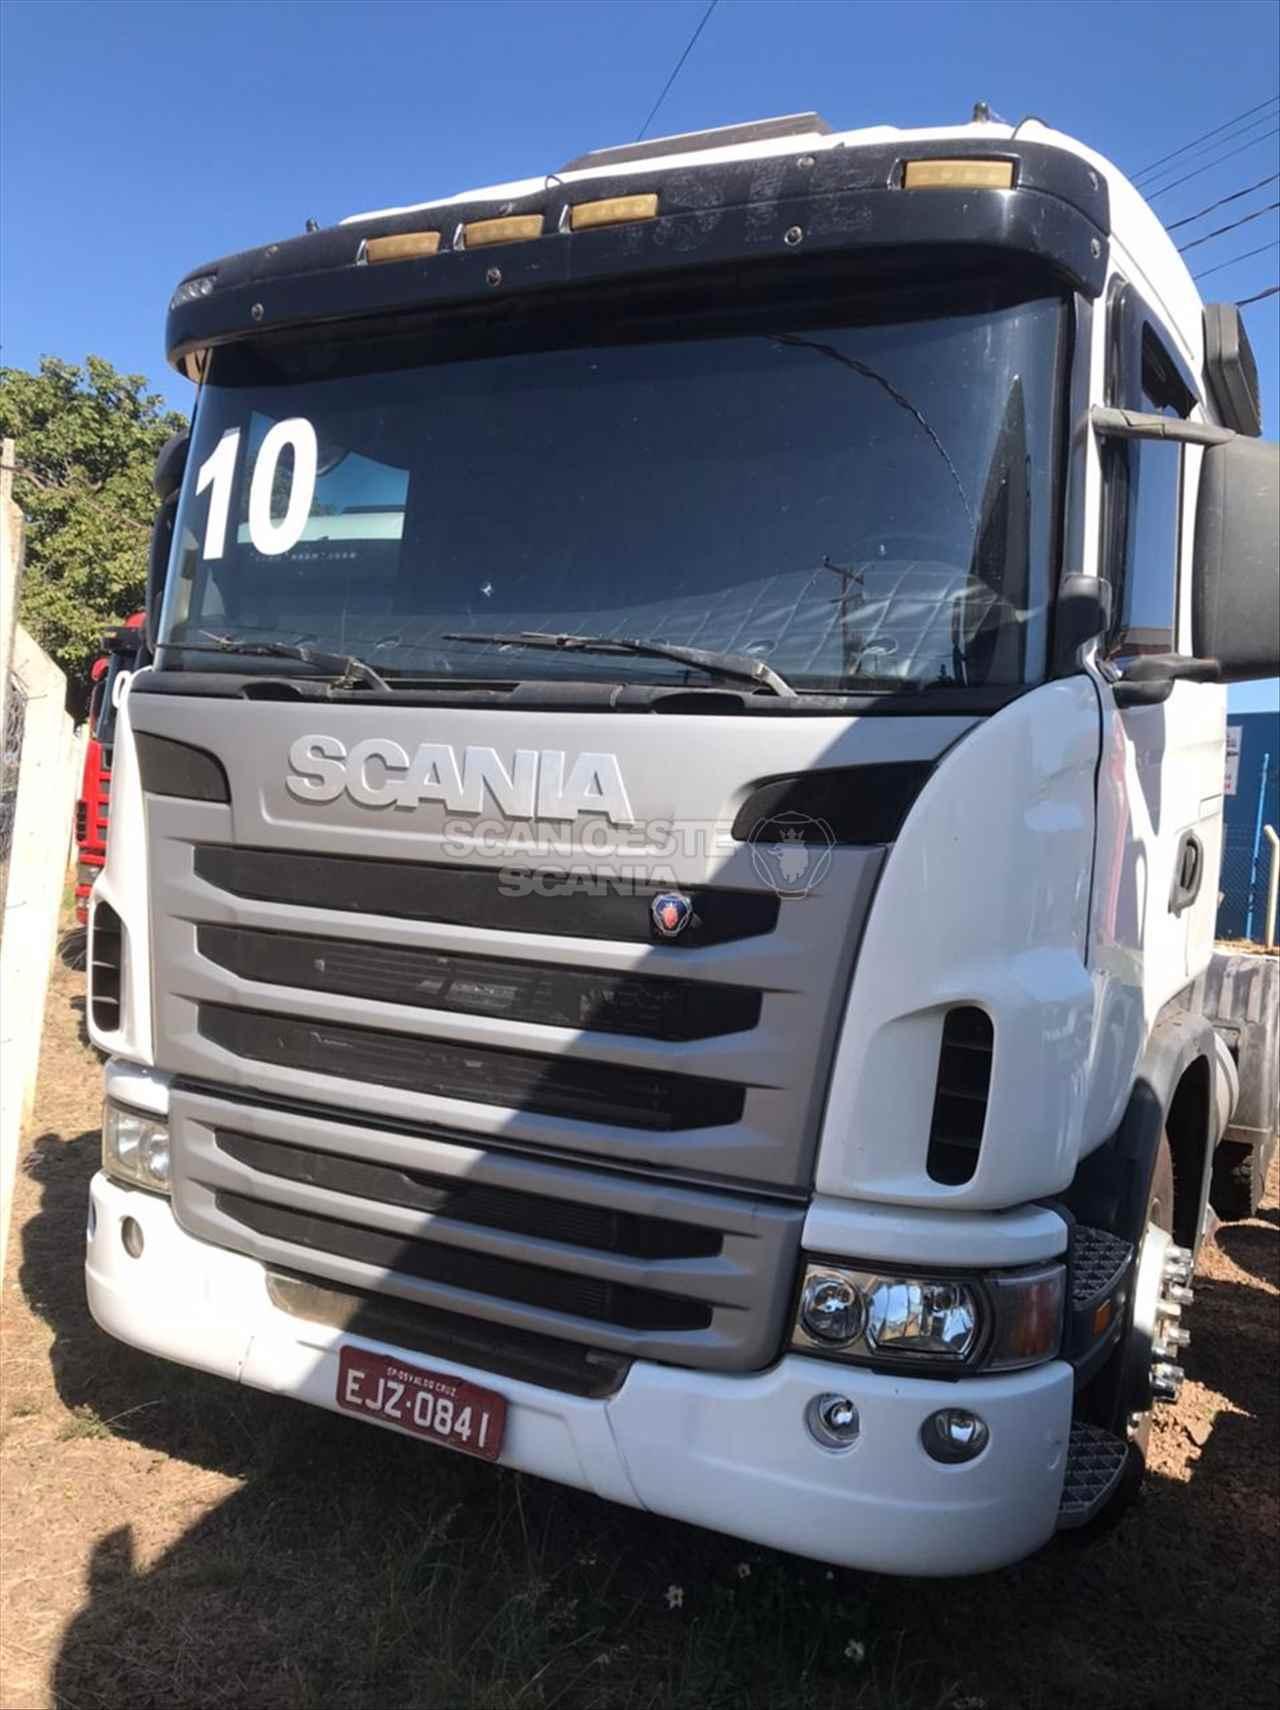 CAMINHAO SCANIA SCANIA 124 420 Cavalo Mecânico Truck 6x2 Scan Oeste OSVALDO CRUZ SÃO PAULO SP